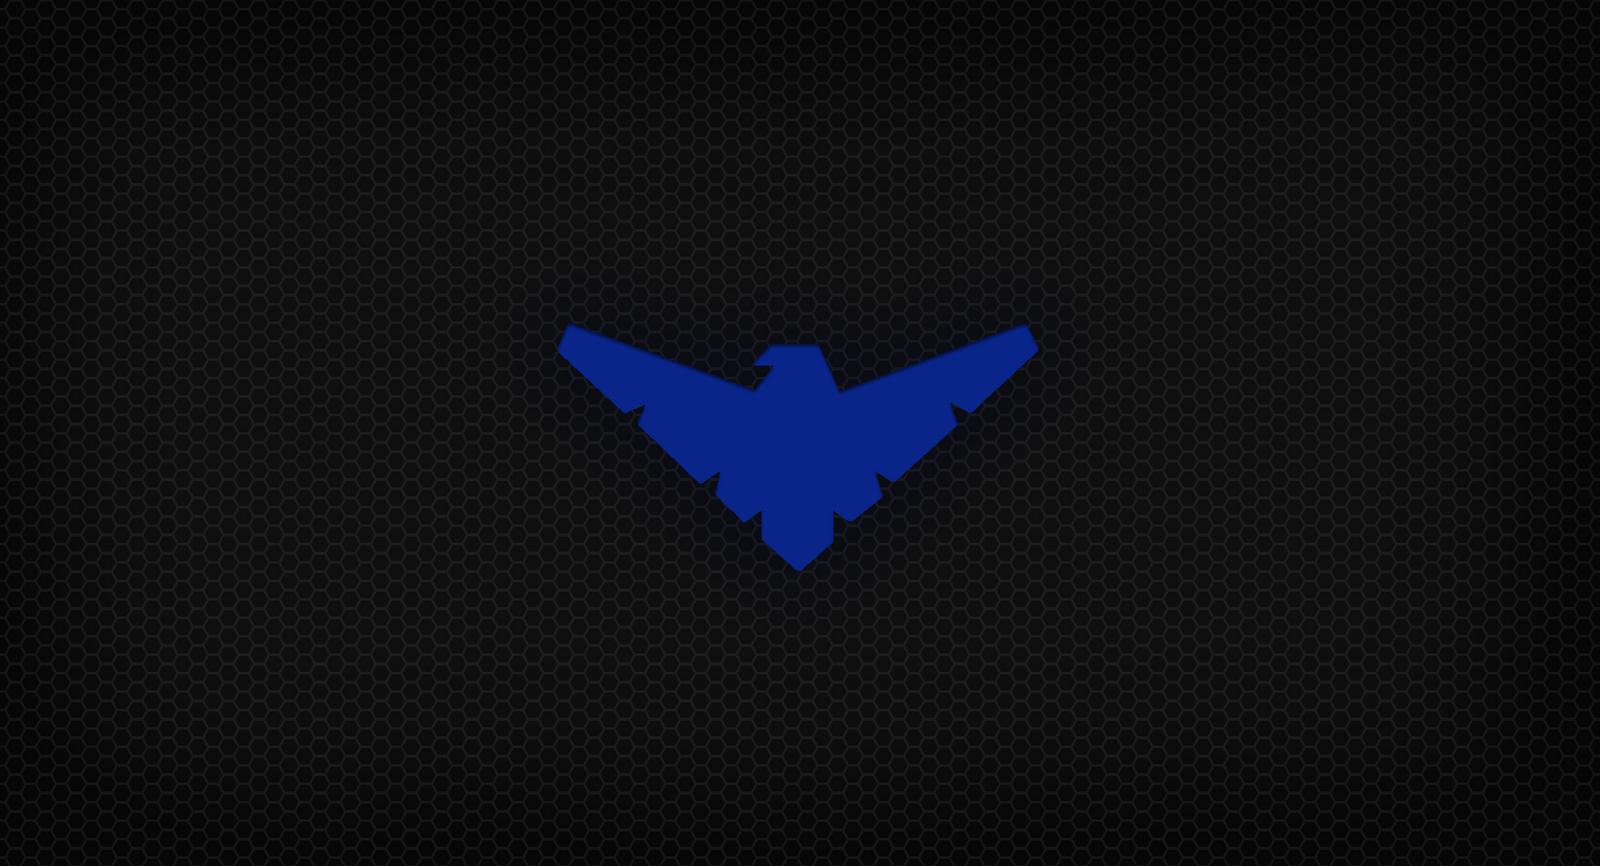 Nightwing Logo Wallpaper - WallpaperSafari